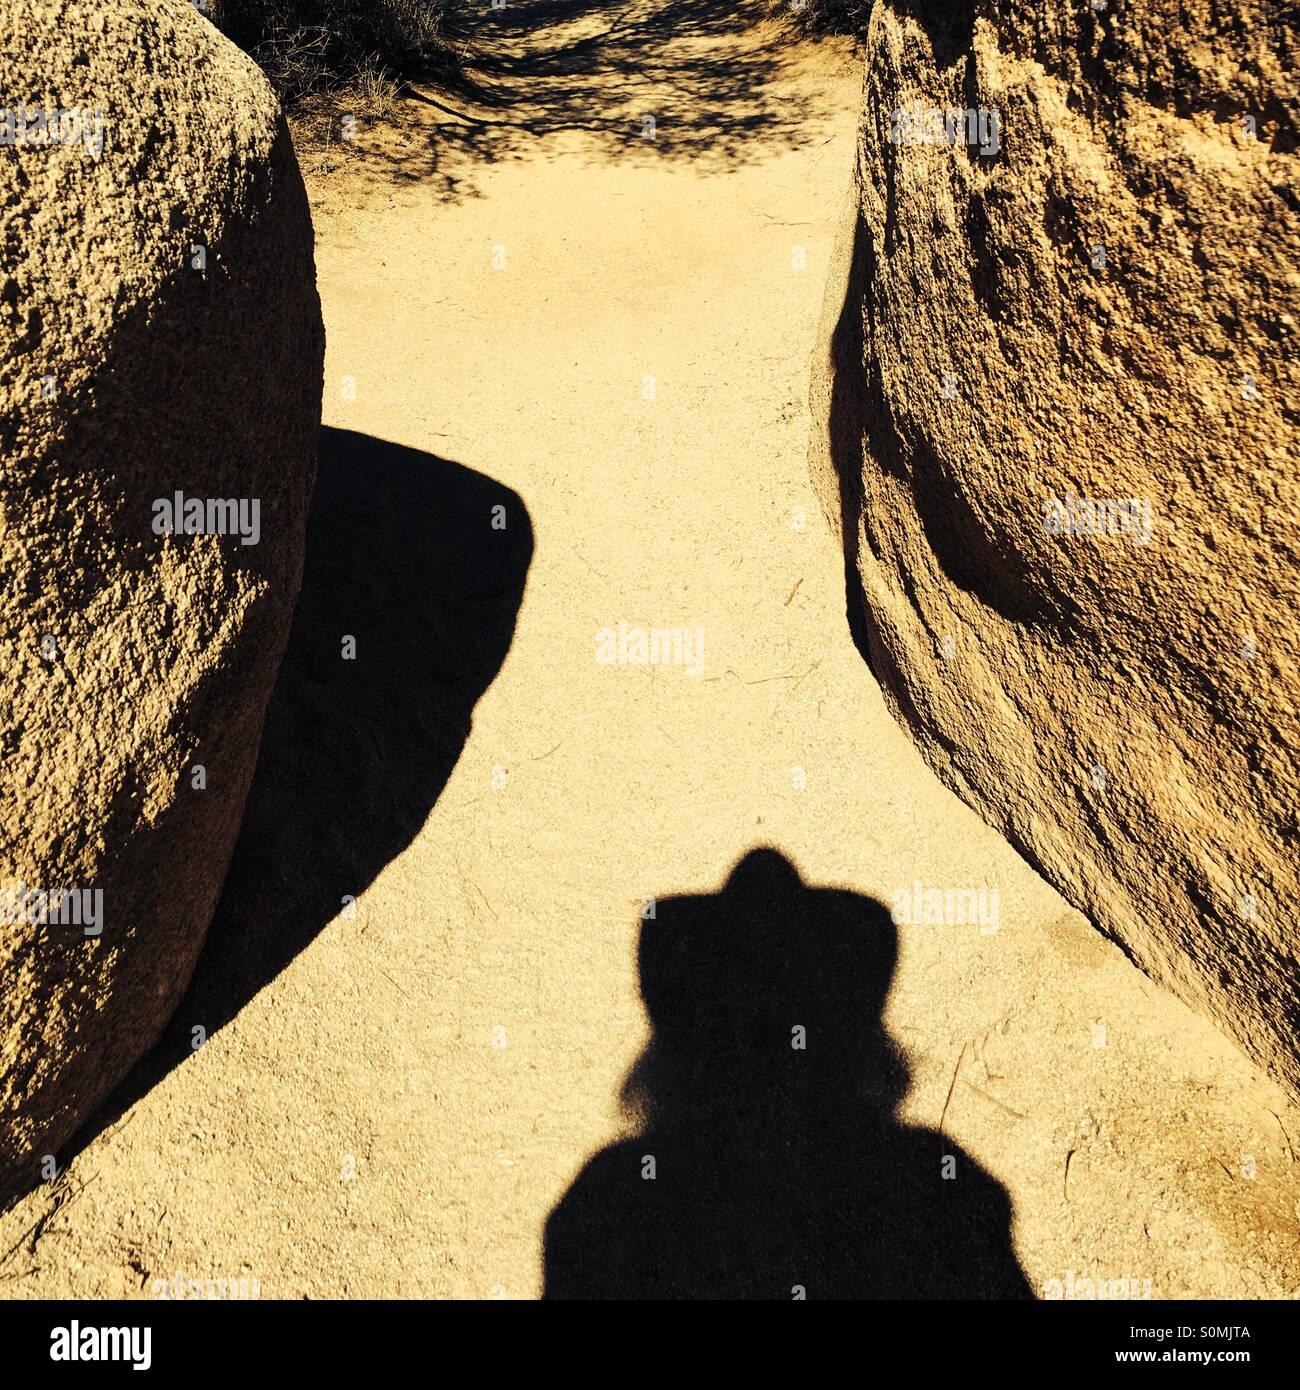 La mia ombra escursioni nel deserto Mohave in San Bernardino County, California USA Immagini Stock